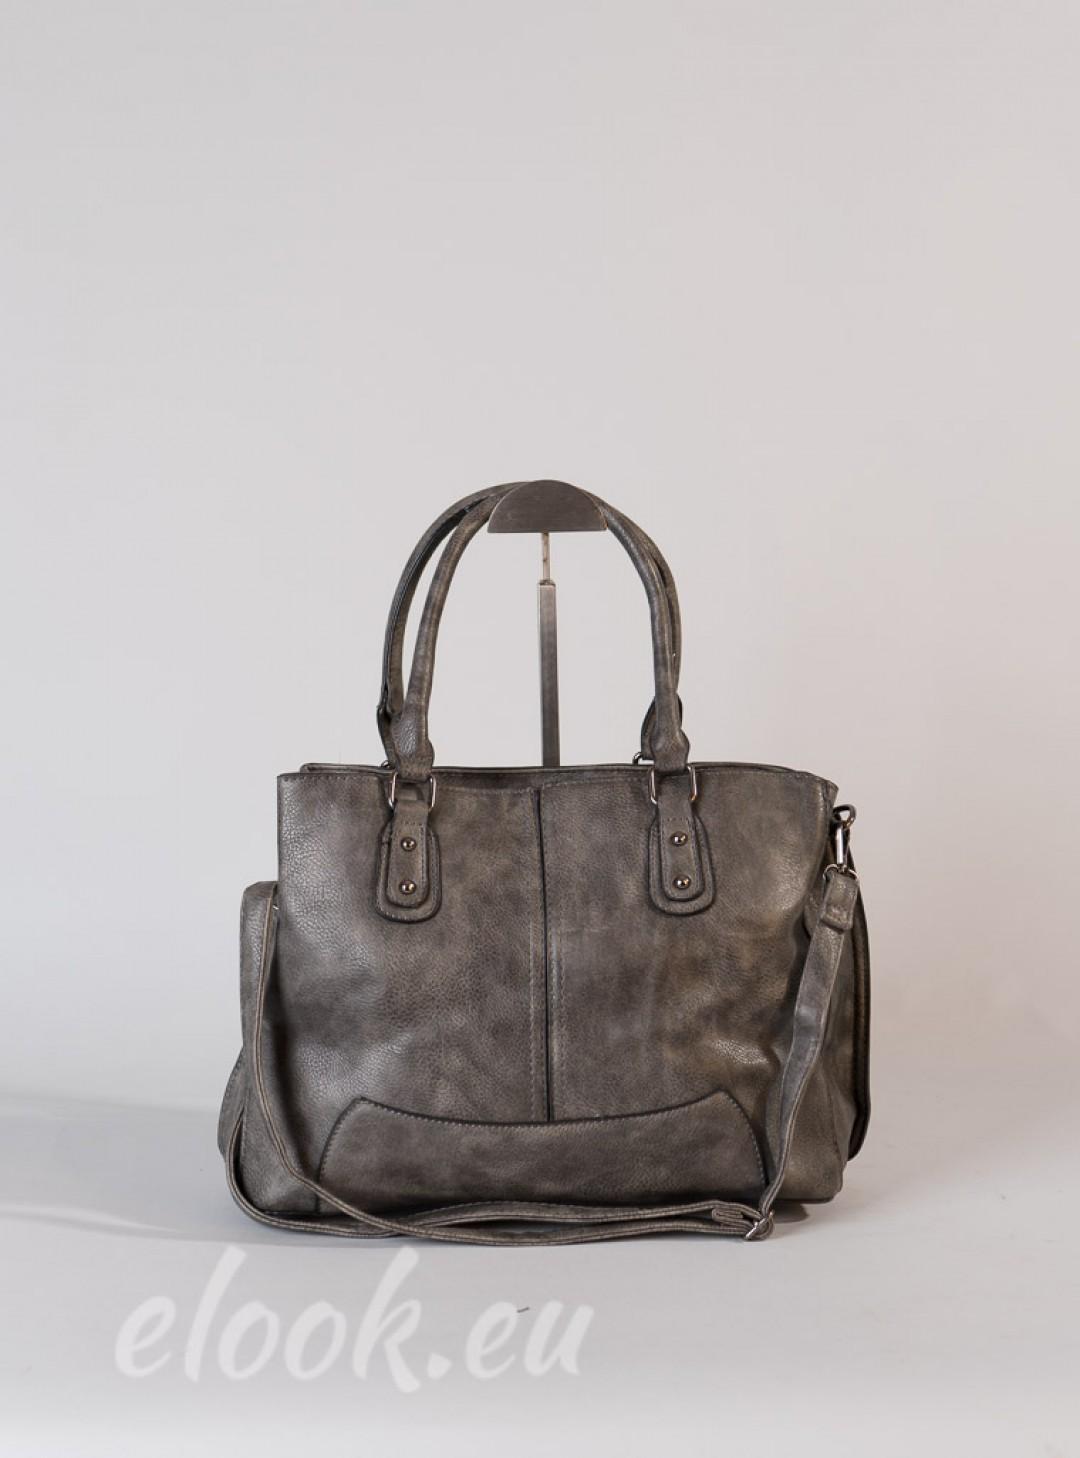 Bag in an established business...